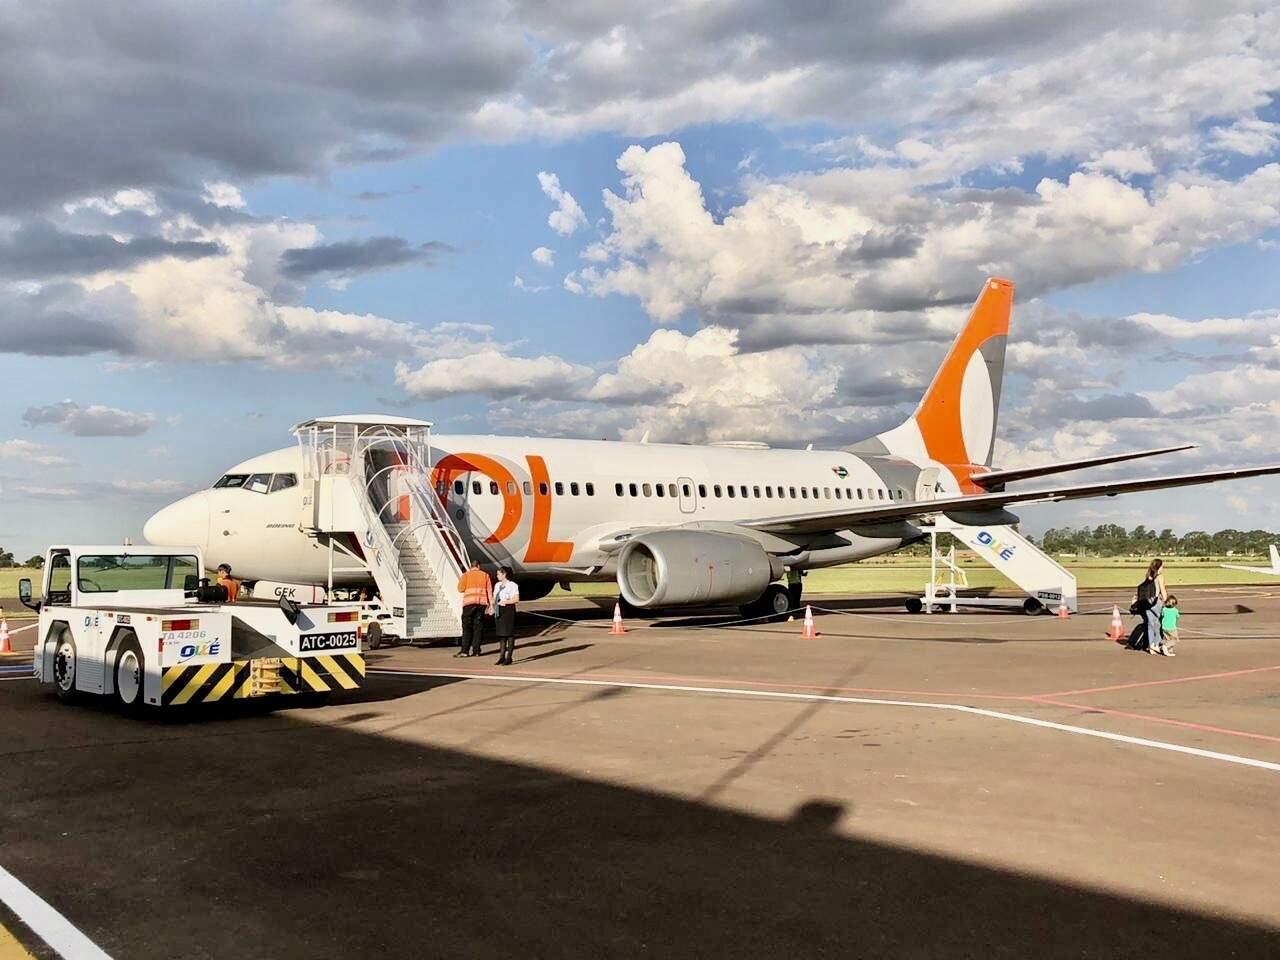 Avião da Gol no pátio do Aeroporto de Dourados na estréia do voo para Guarulhos, dia 2 deste mês. Com a queda na demanda em meio ao coronavírus , a operação chega ao fim nesta quinta-feira (Foto: Antonio Perez)